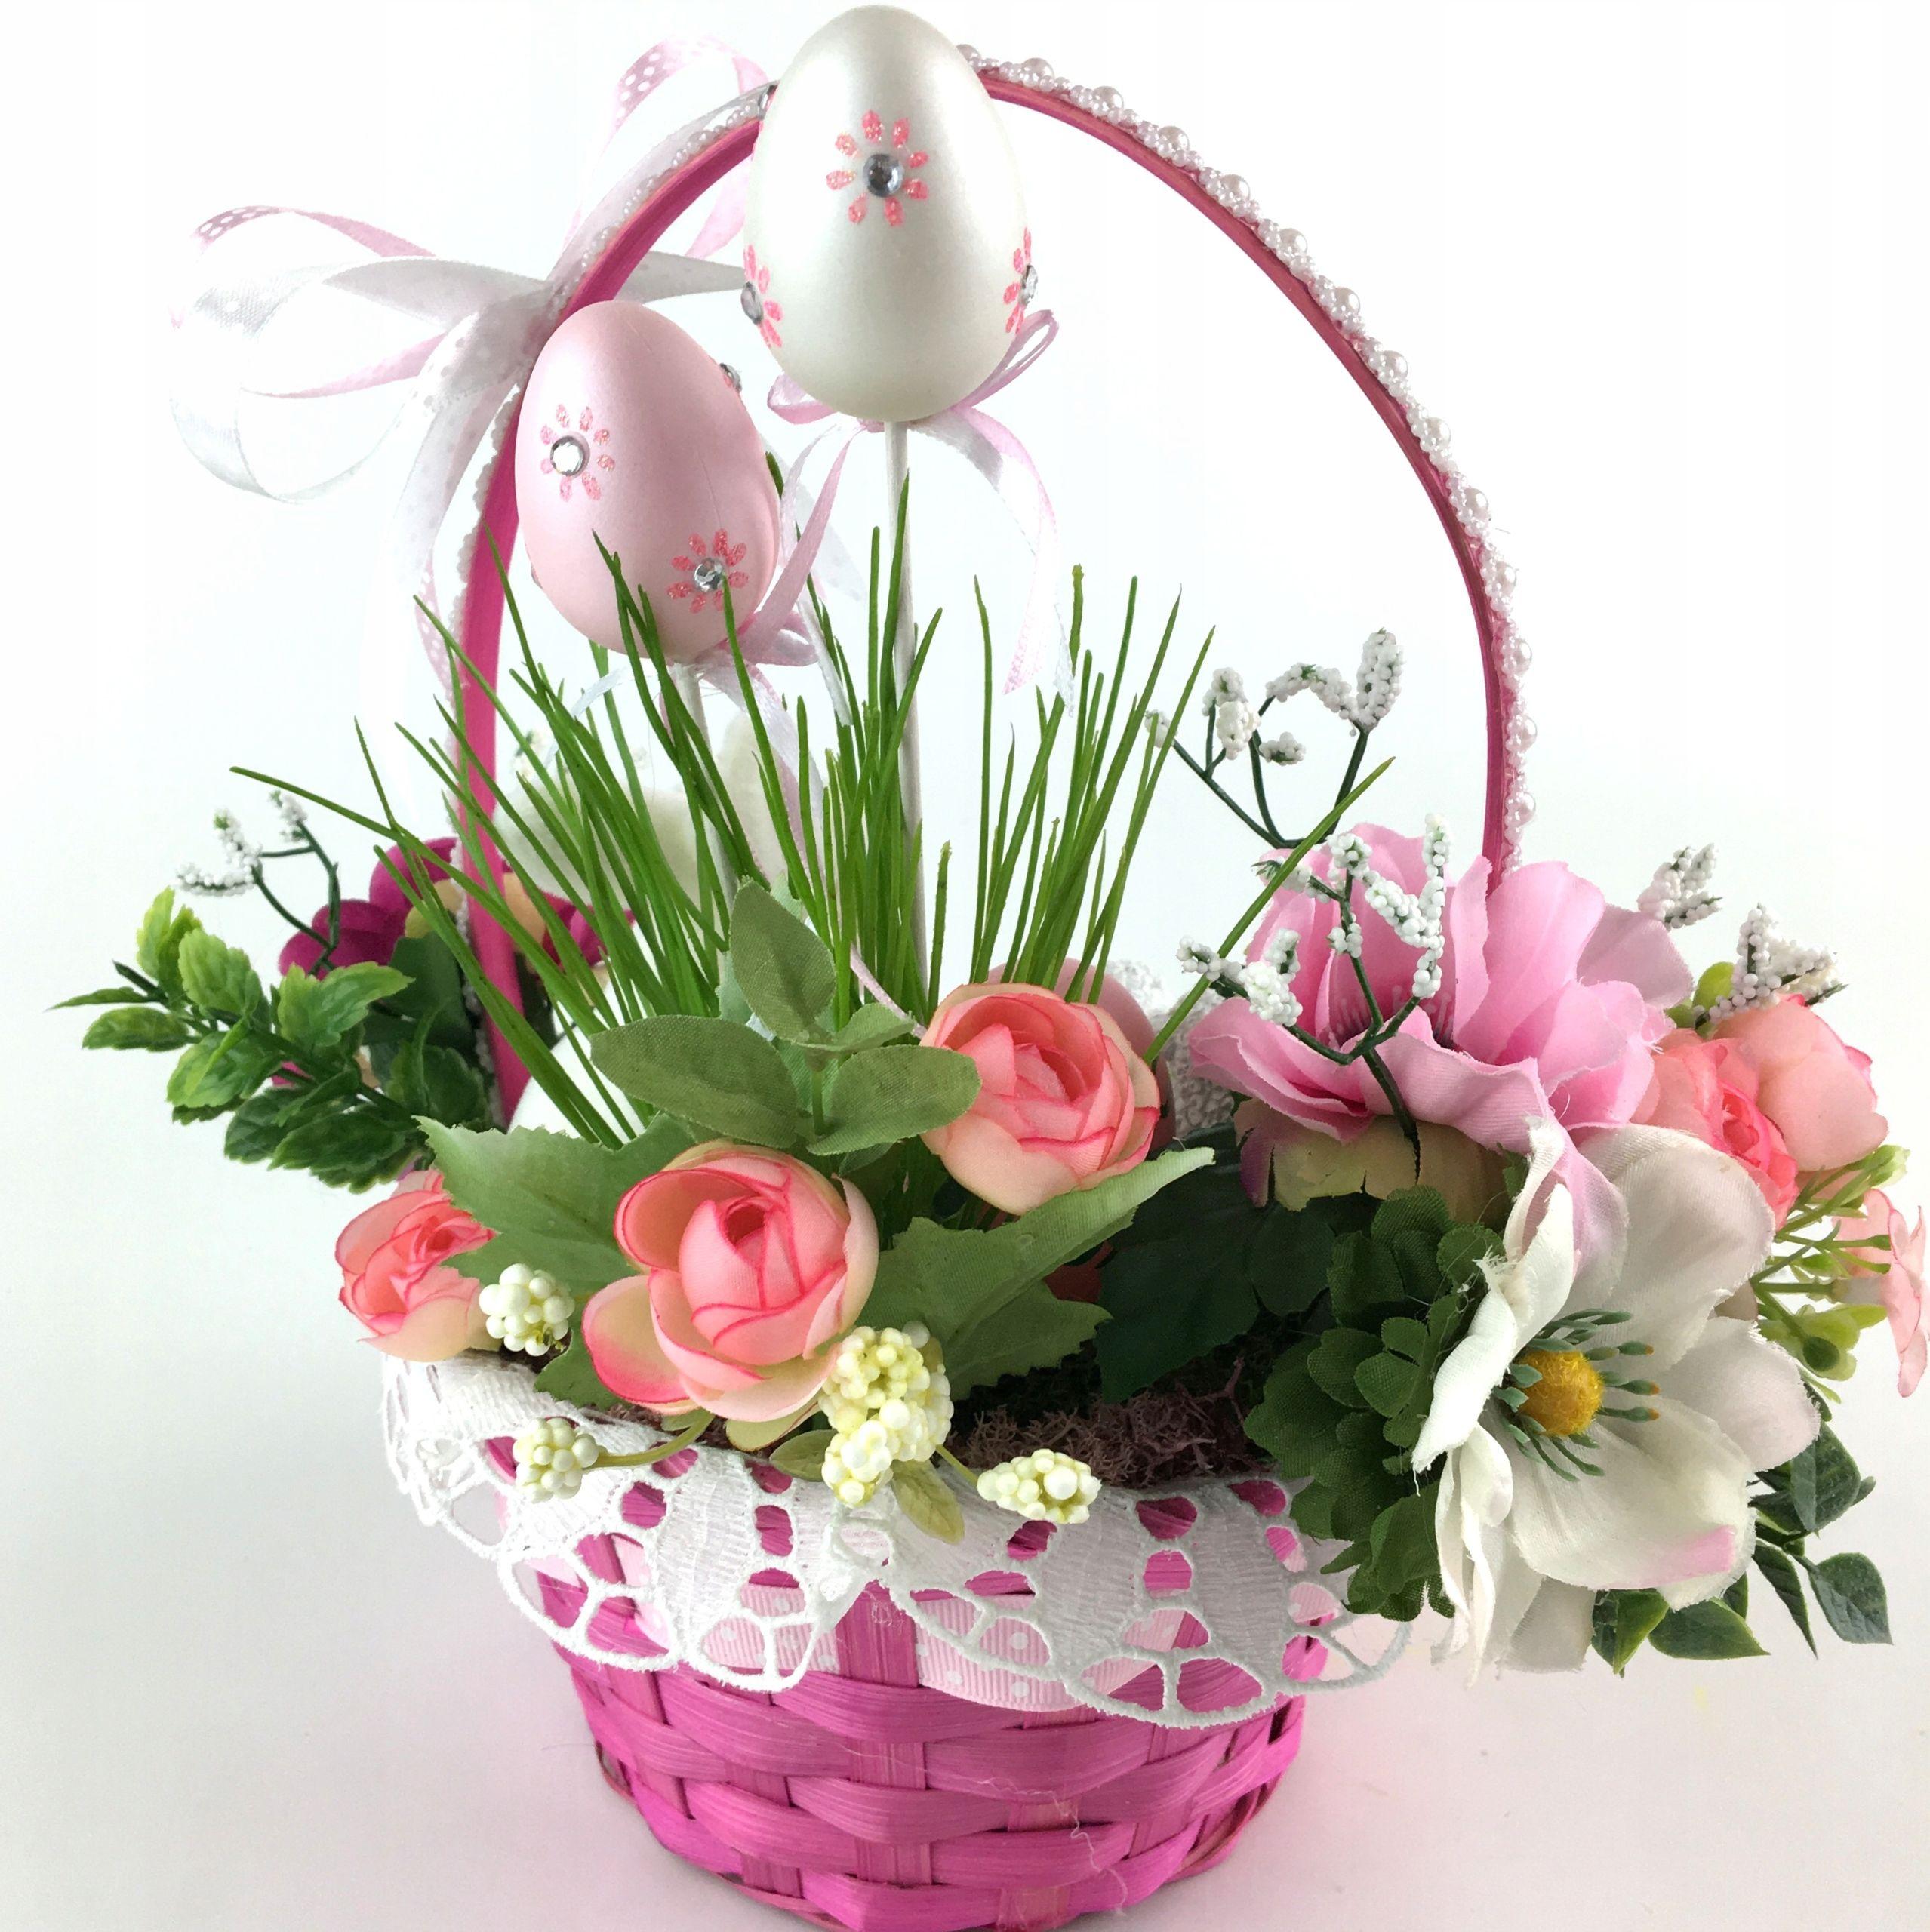 Koszyczek Dzieciecy Stroik Wielkanocny Prezent 7953183441 Oficjalne Archiwum Allegro Decor Wreaths Hoop Wreath